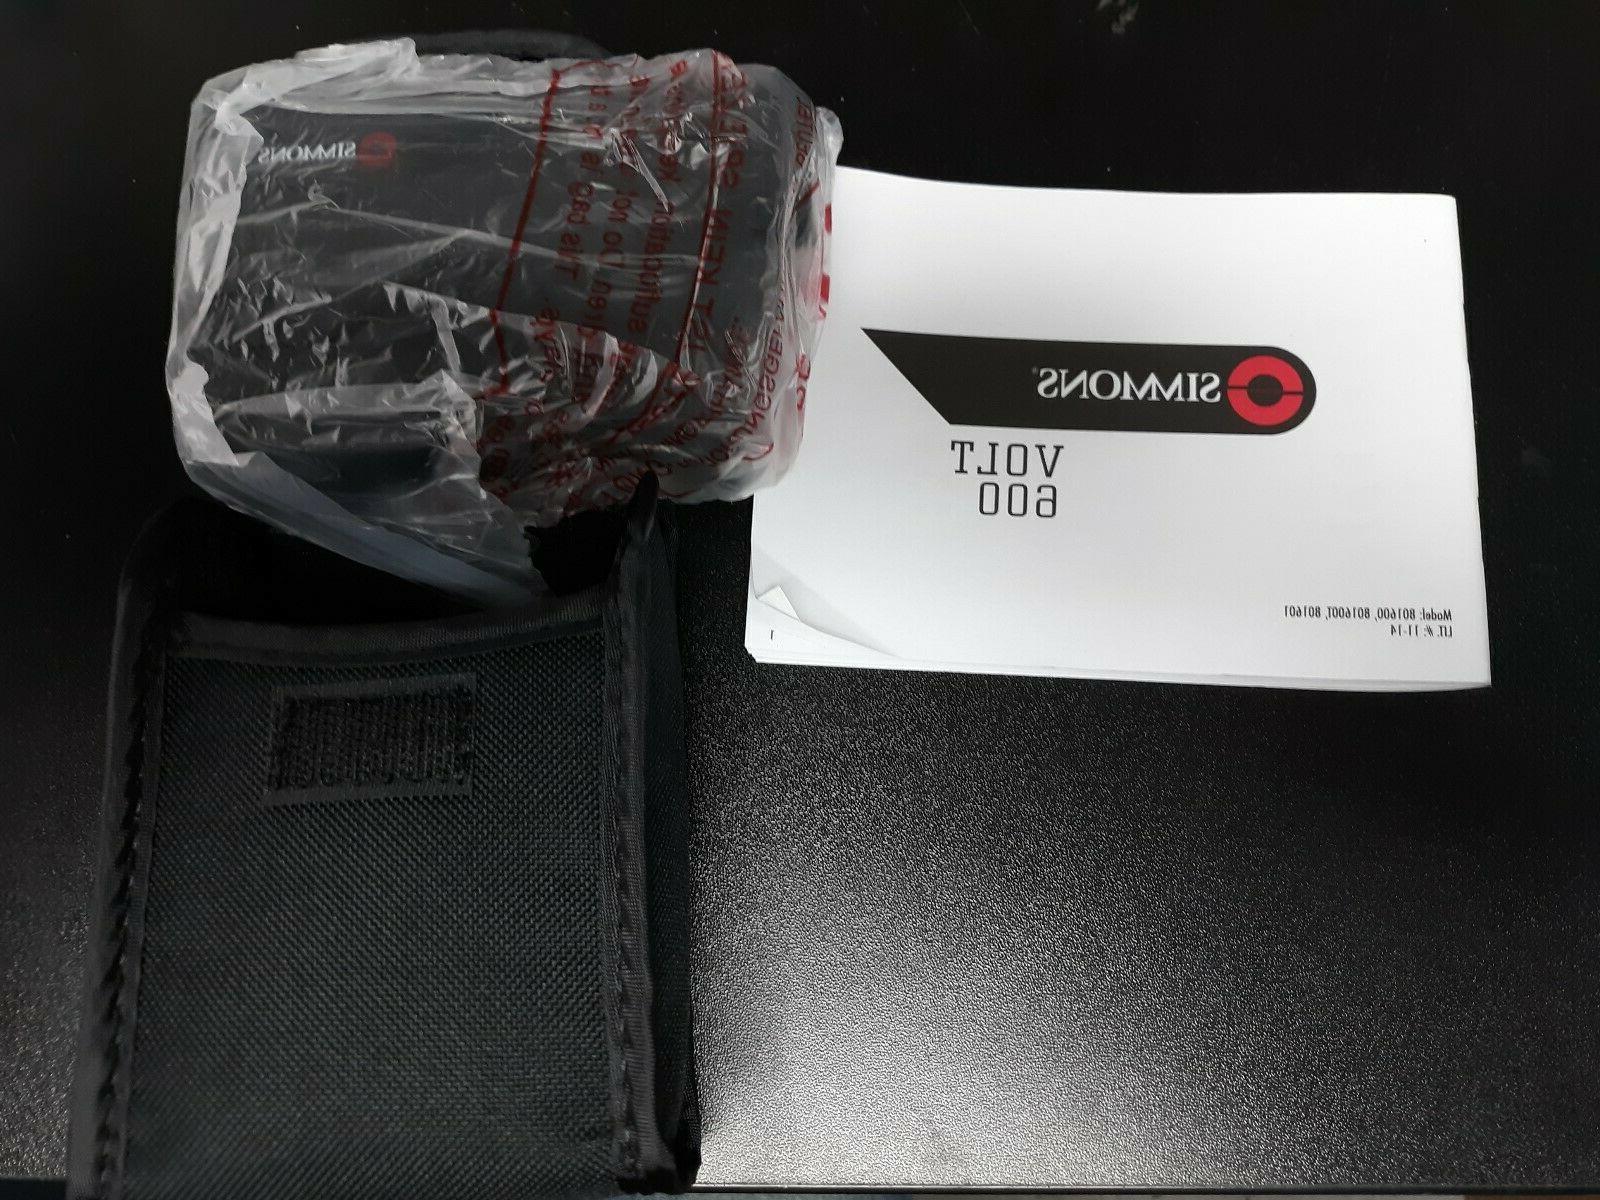 volt 600 laser rangefinder 4x magnification black